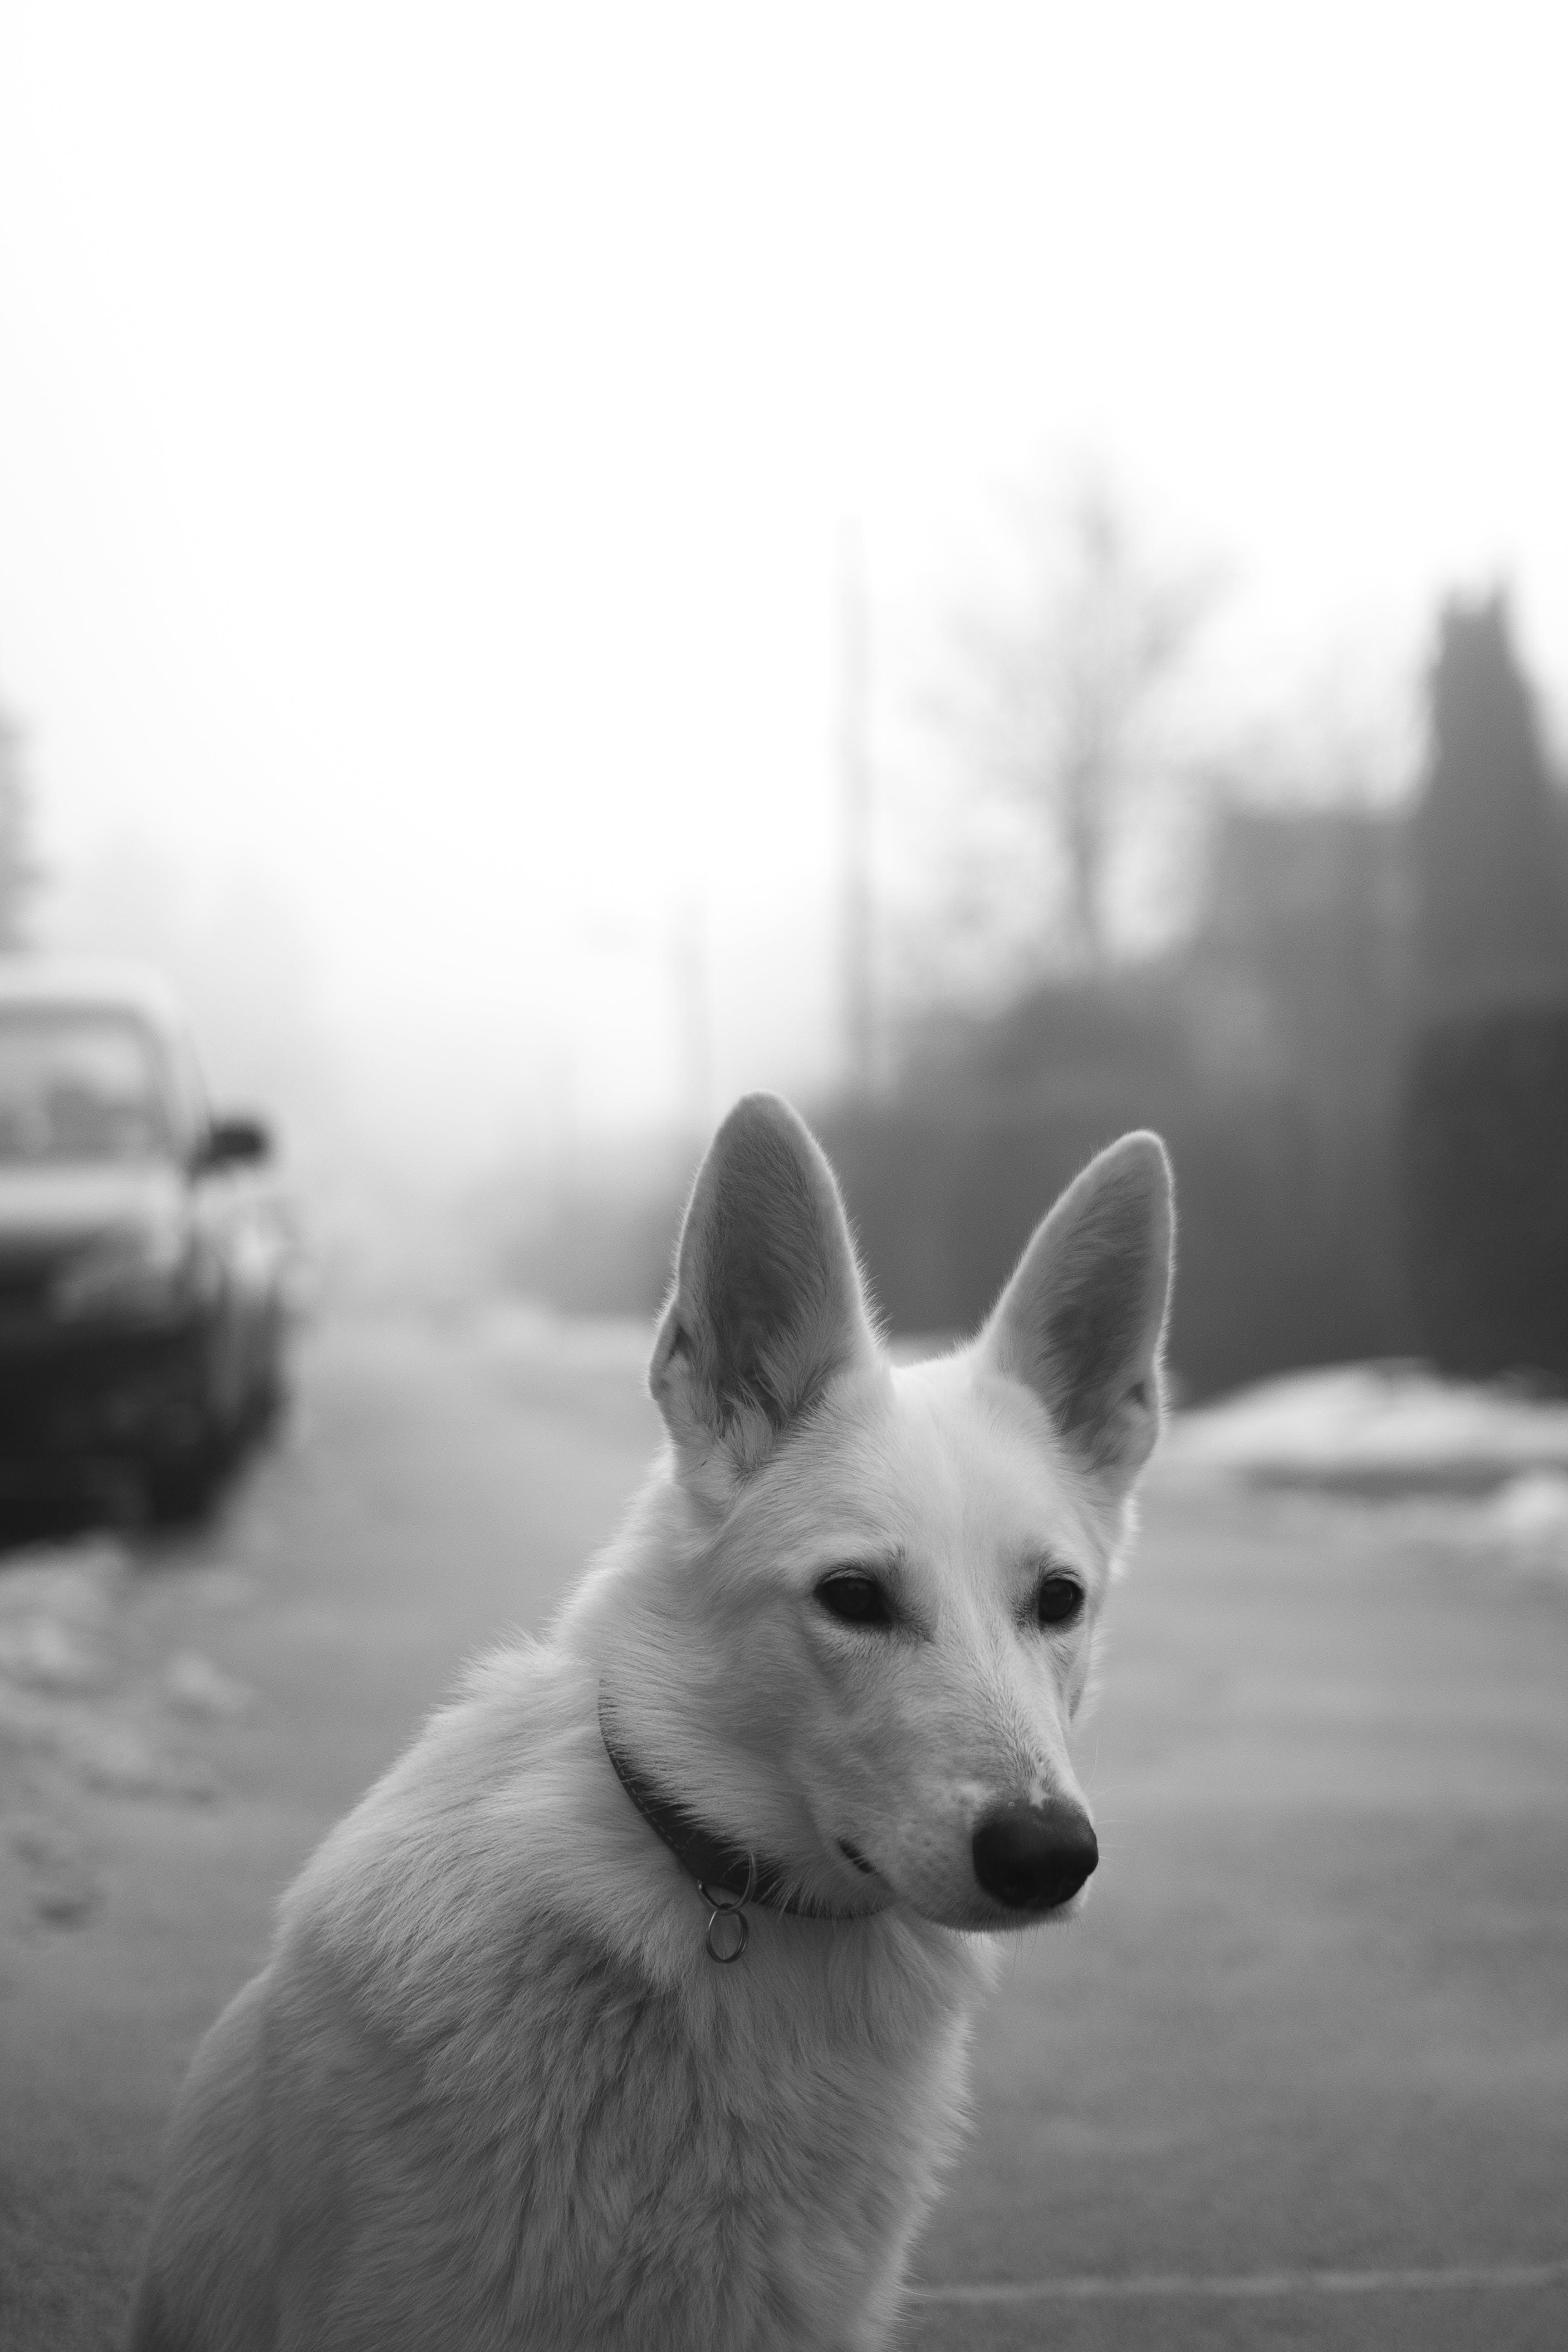 Kostnadsfri bild av däggdjur, dimma, djur, förtjusande